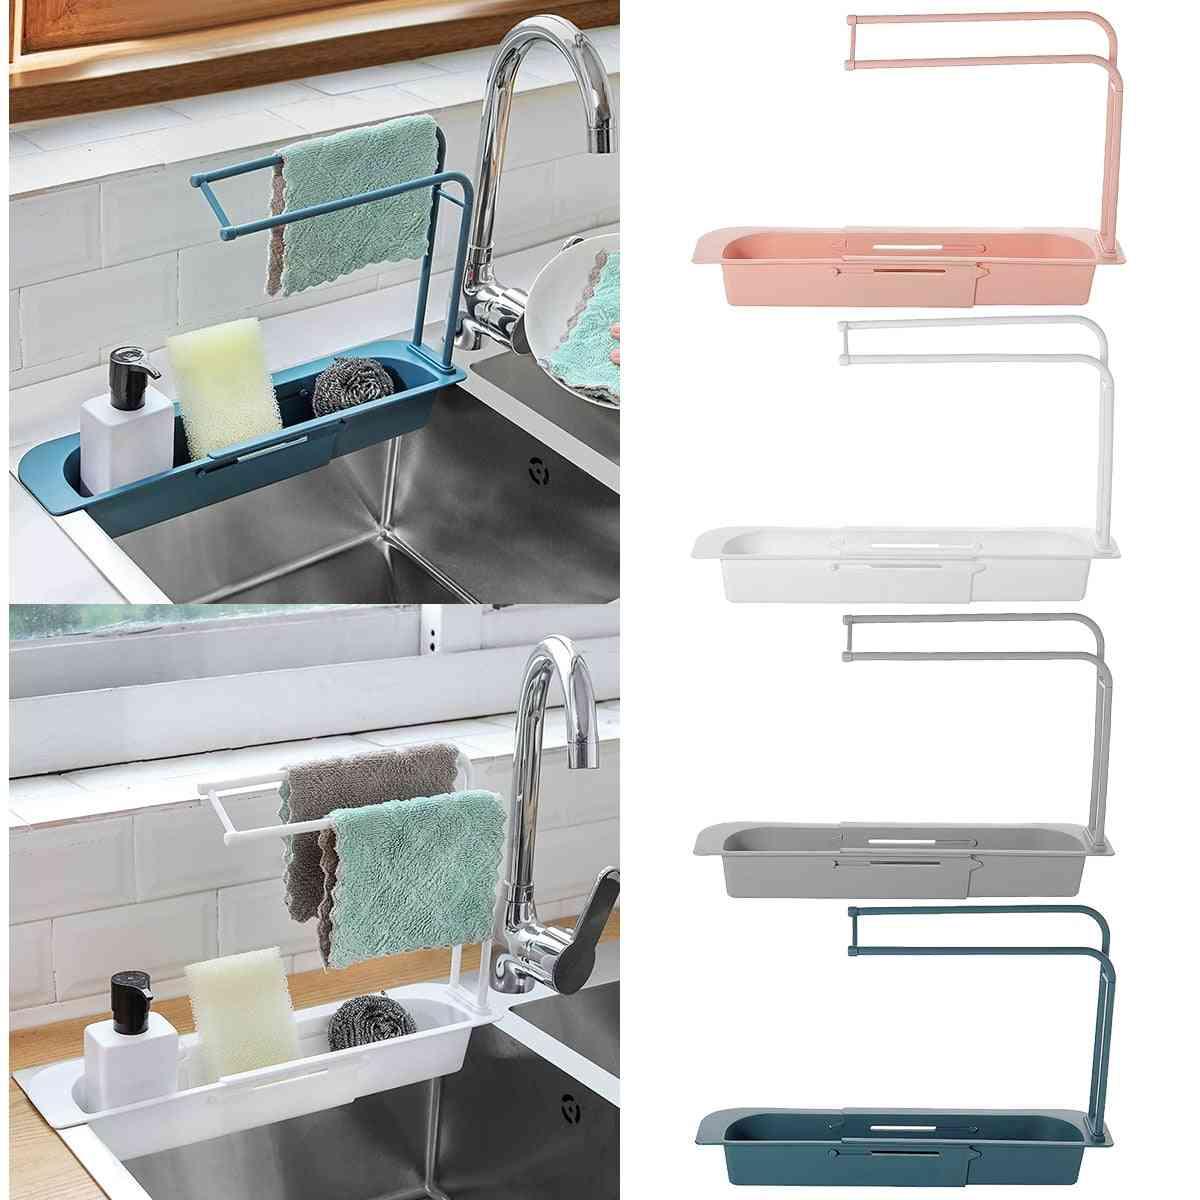 Adjustable Telescopic Sink Kitchen Drainer Rack, Storage Basket